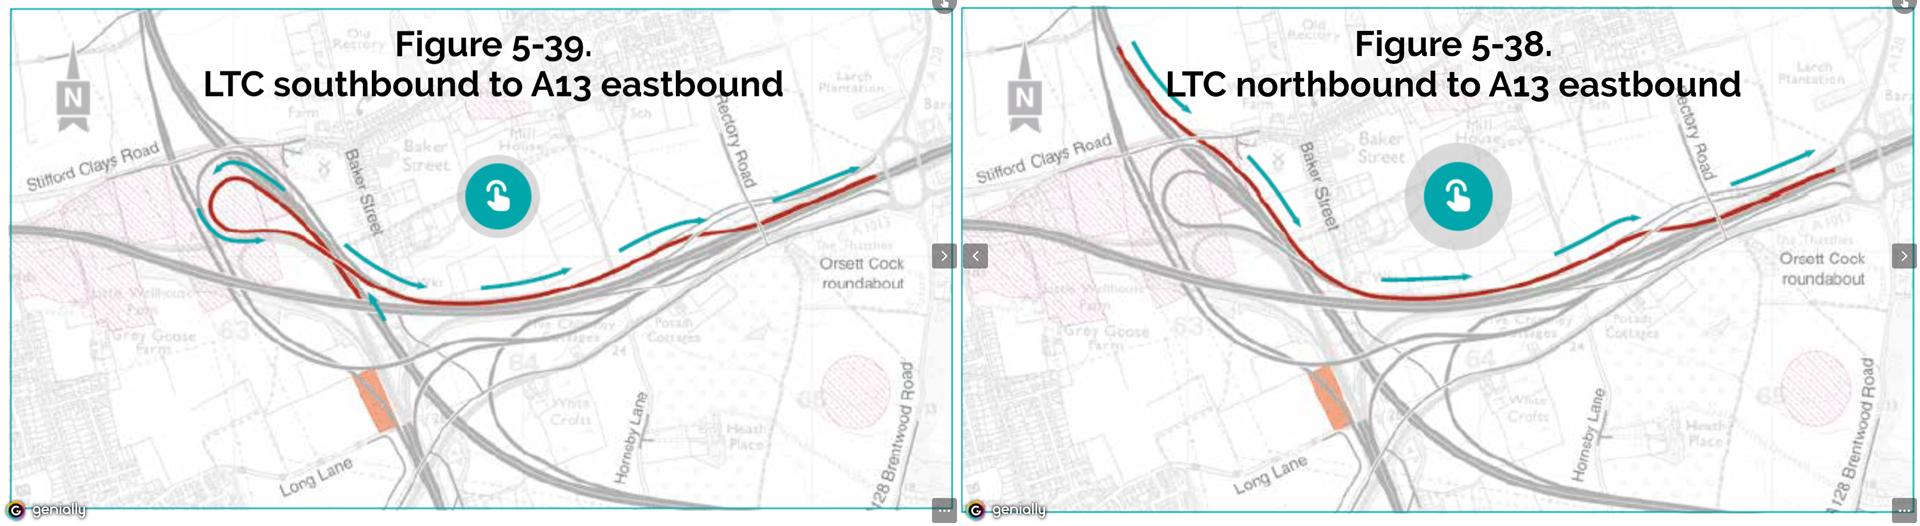 LTC Consultation Image Errors